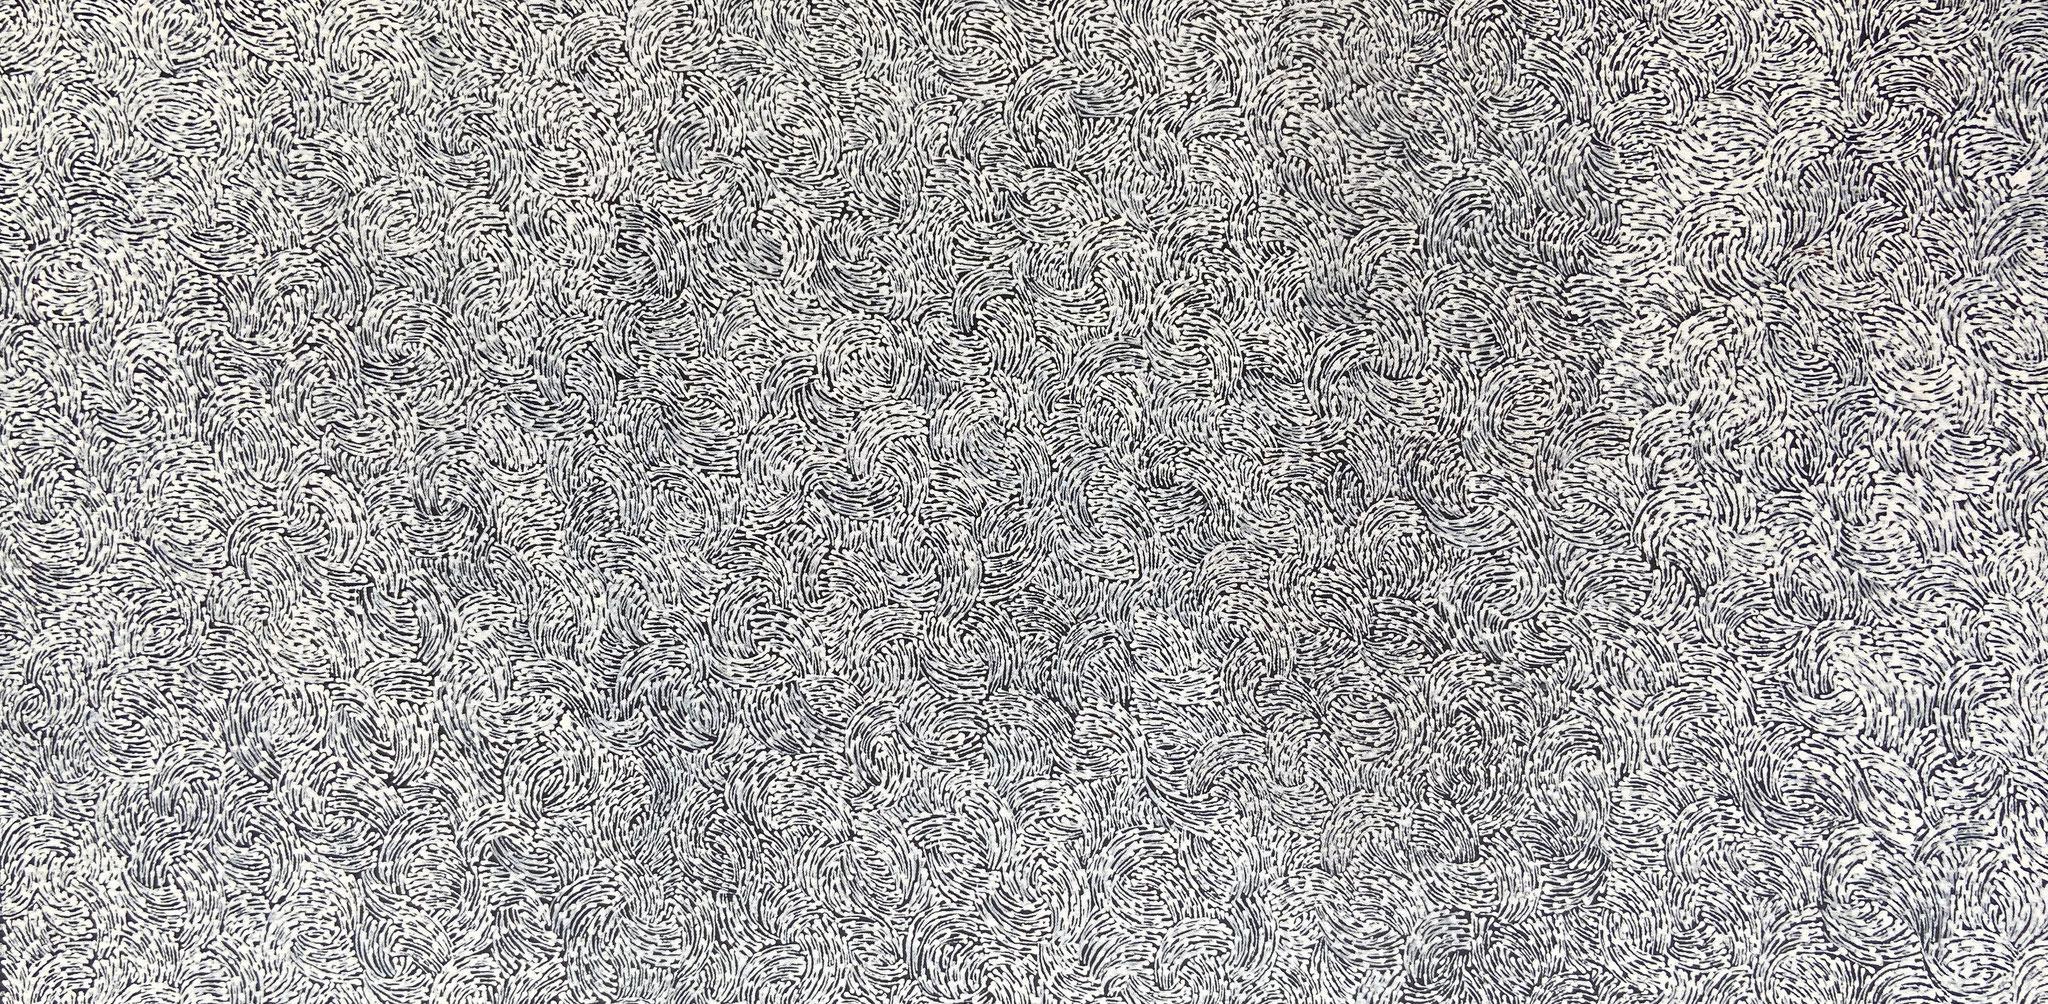 ナタリー・パーブス 「ボディ・ペイント」 500x960mm